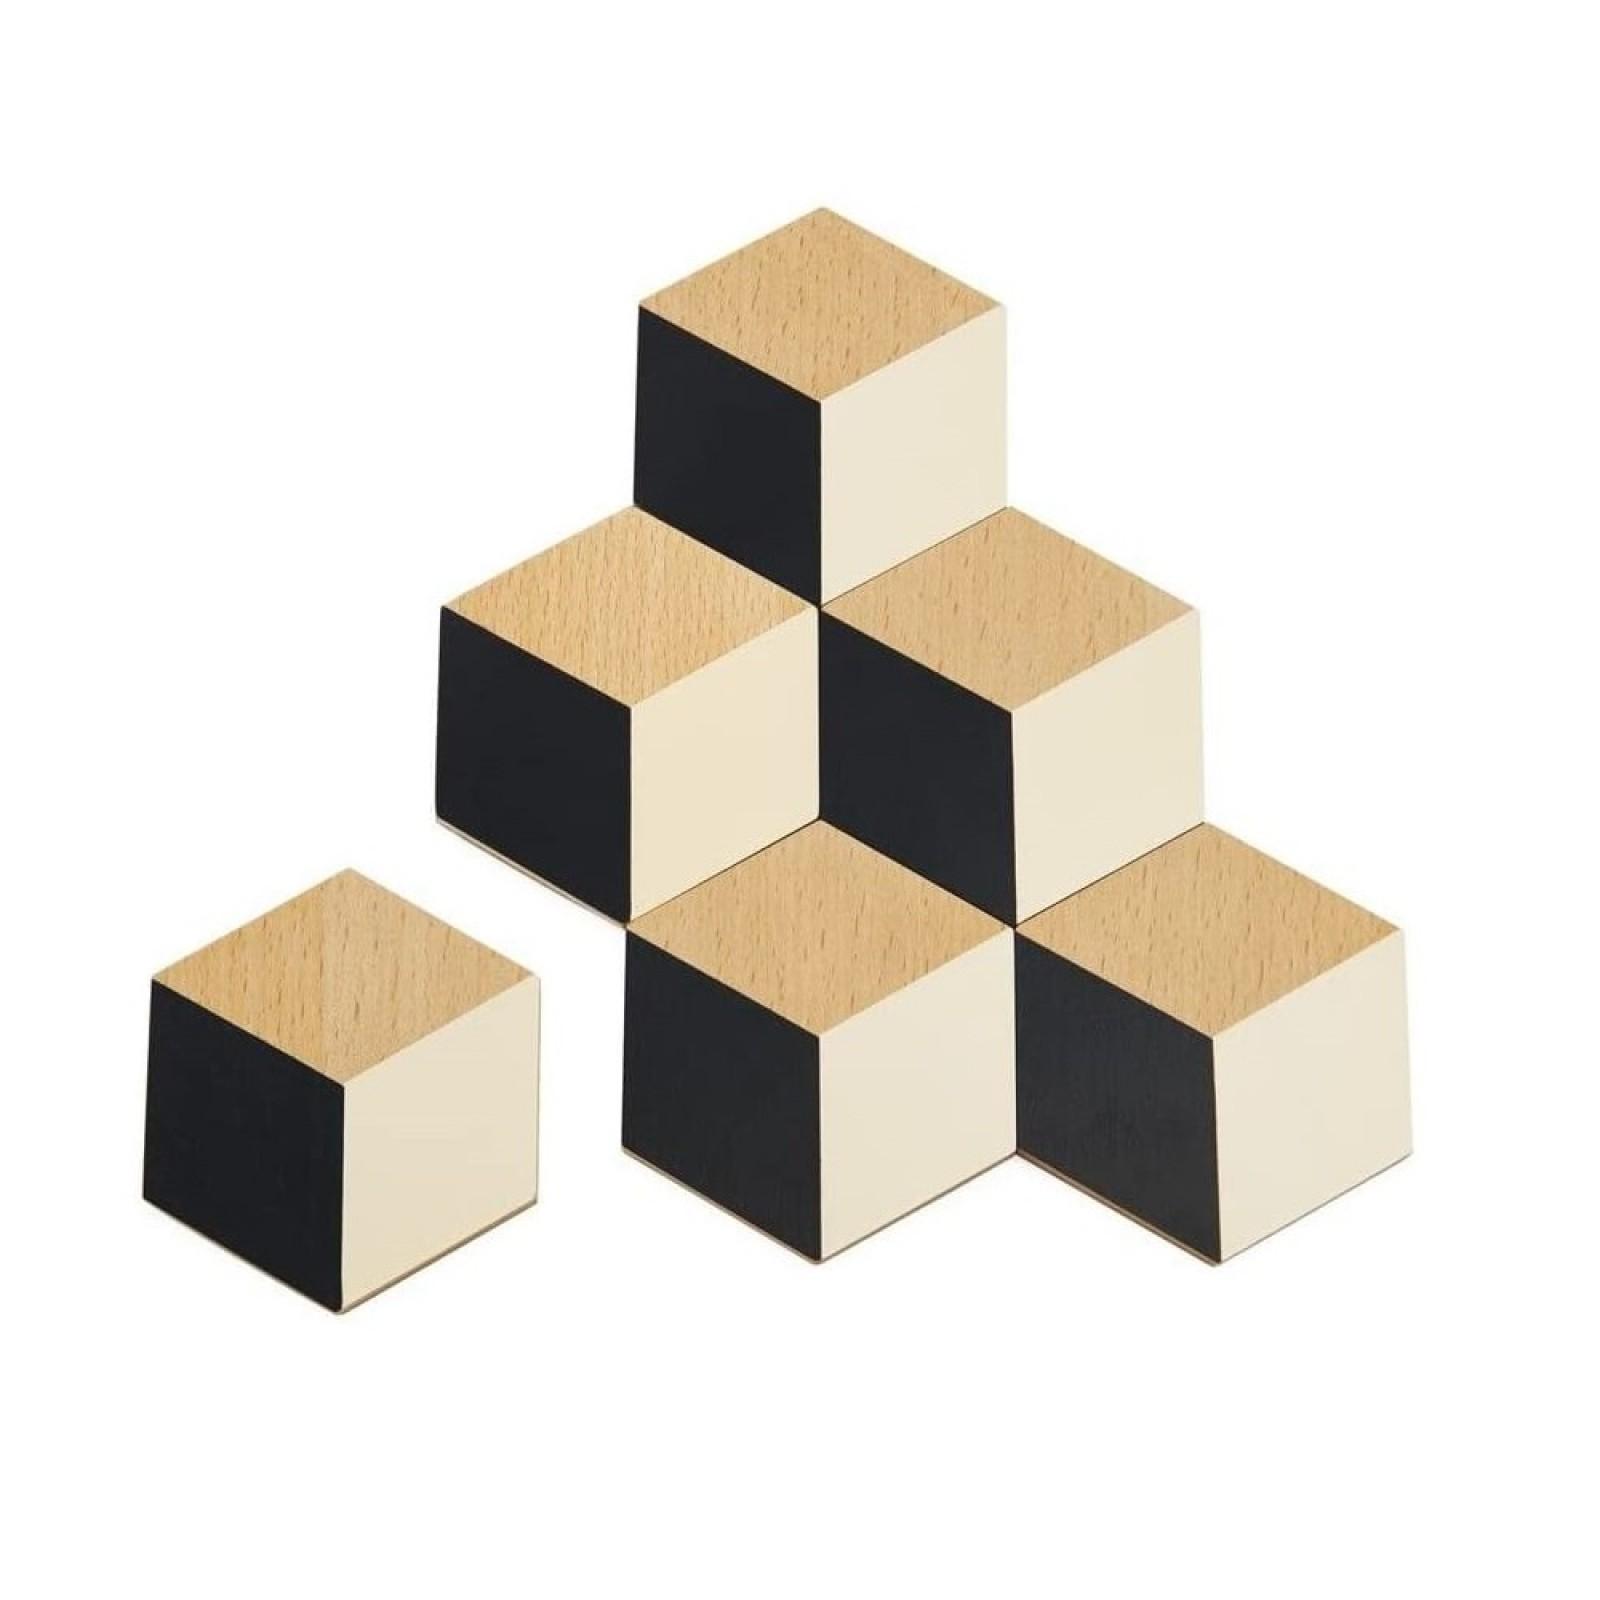 Σουβέρ Table Tiles Σετ των 6 (Μαύρο / Μπεζ) - Areaware